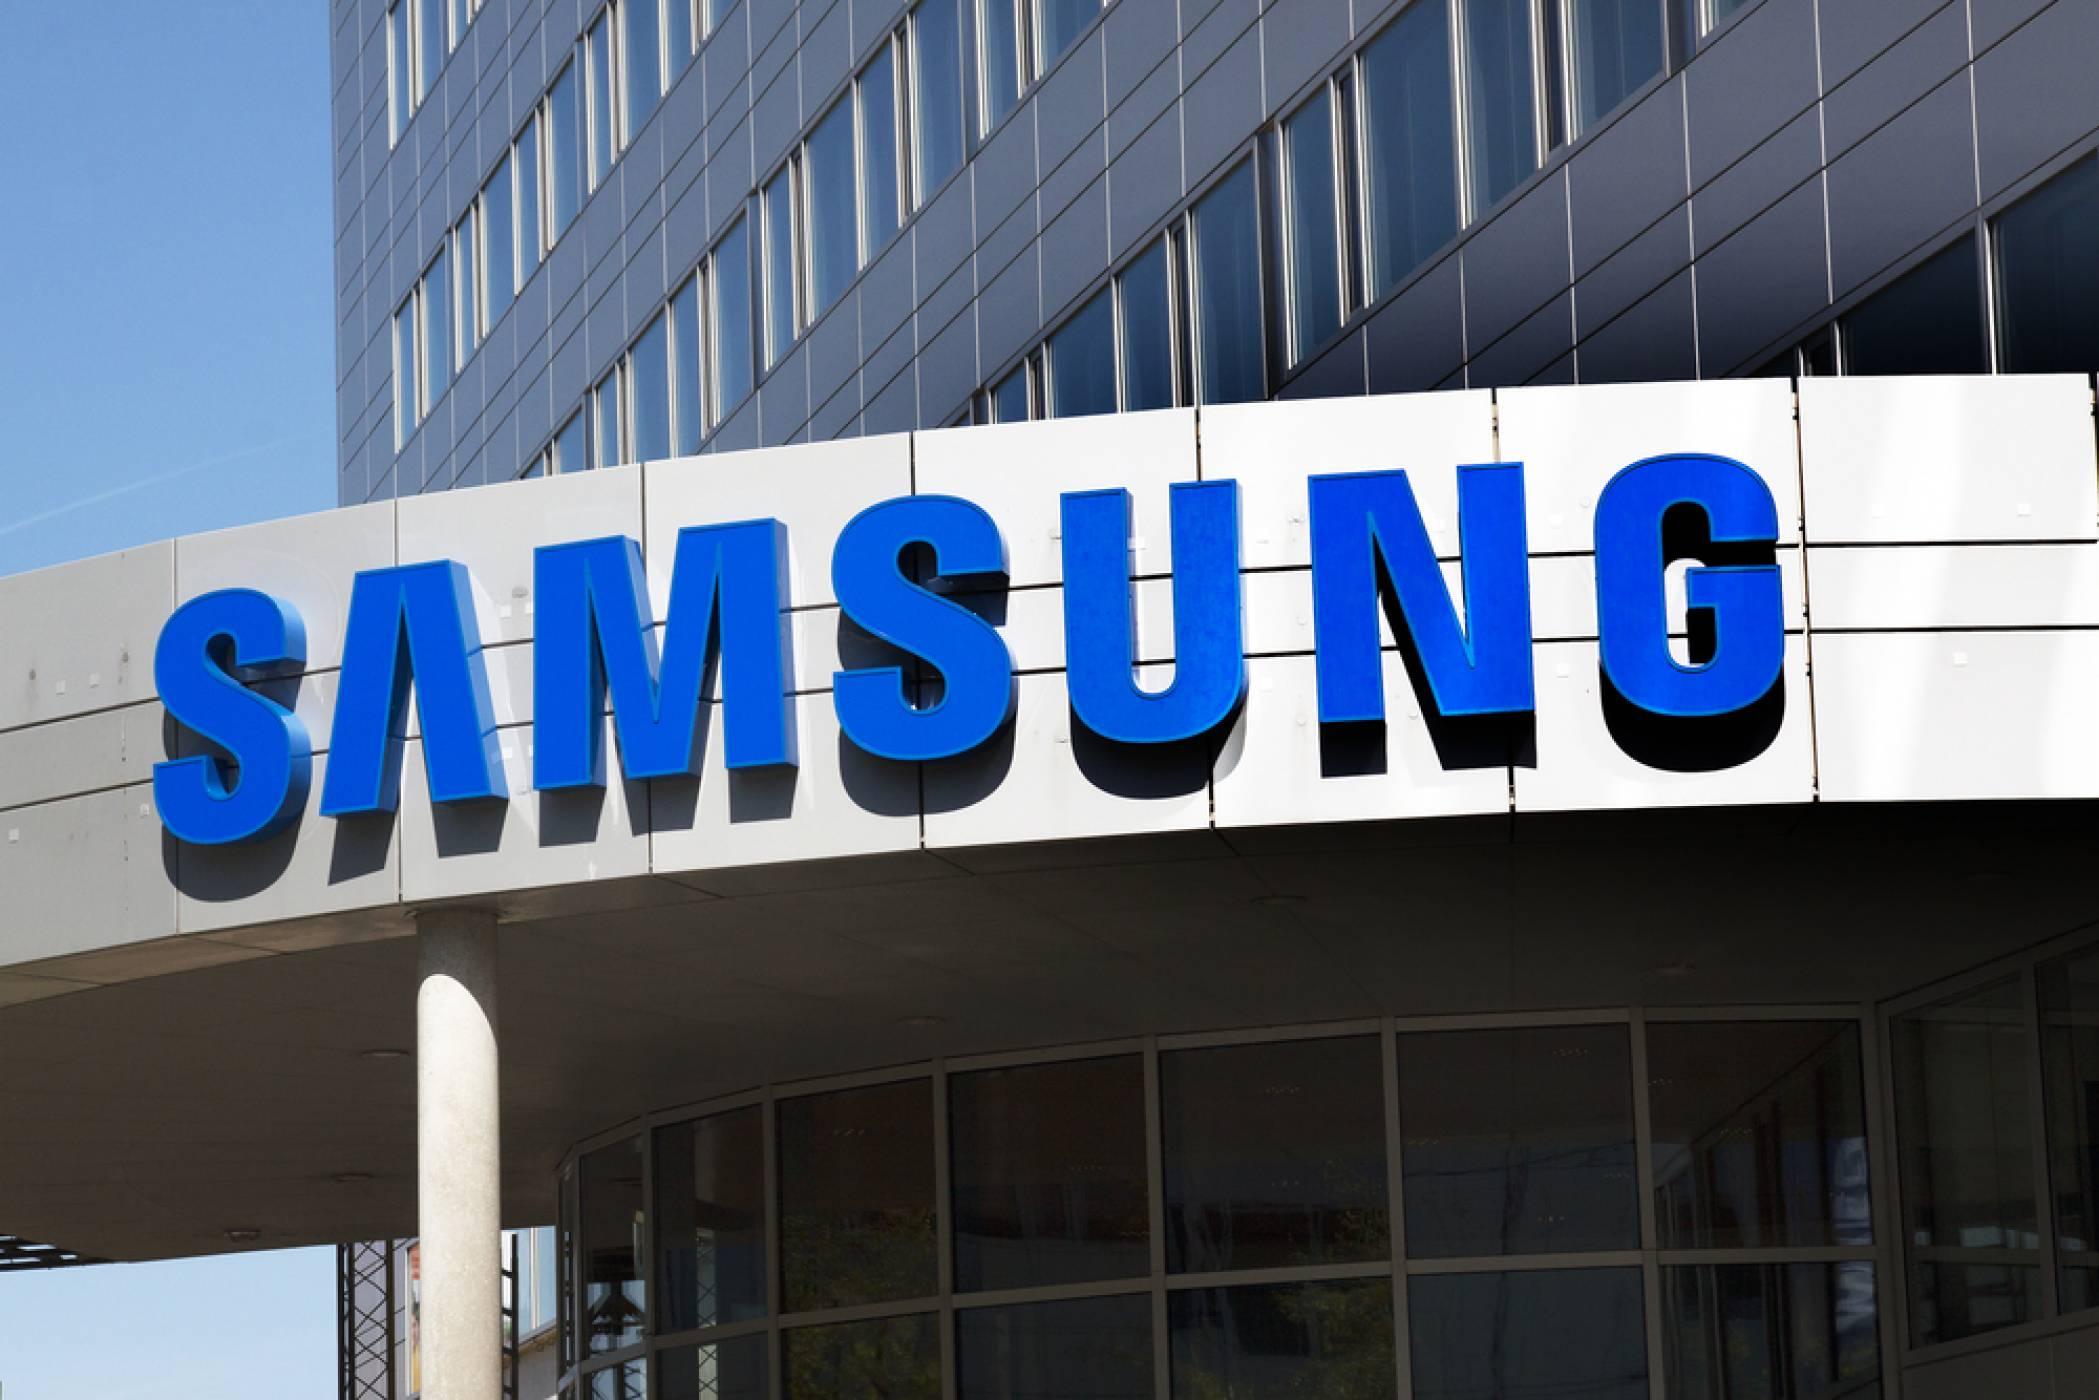 Samsung влезе в Топ 5 на най-стойностните брандове на Interbrand за 2020 г.